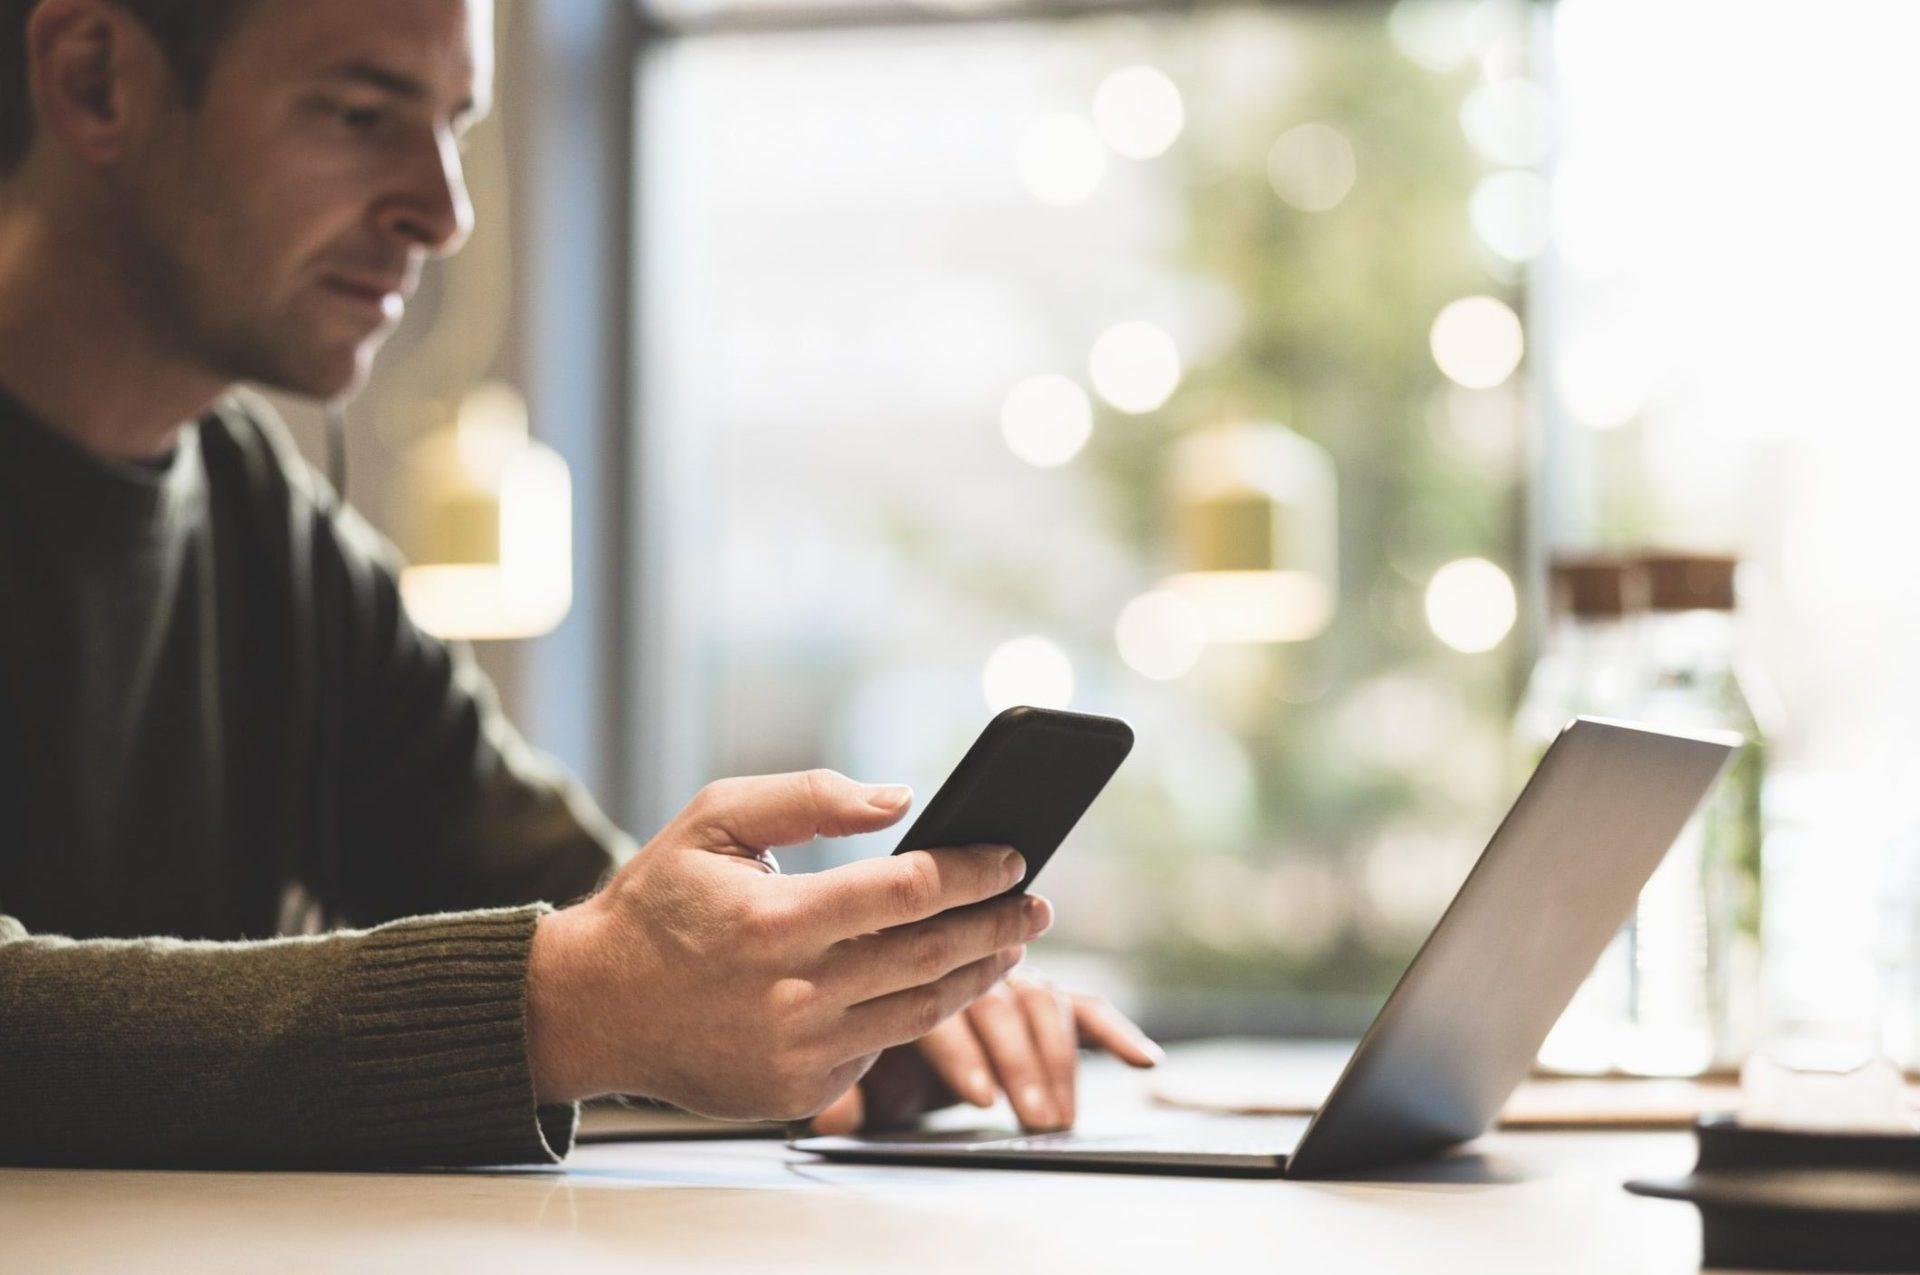 man looking at phone and computer